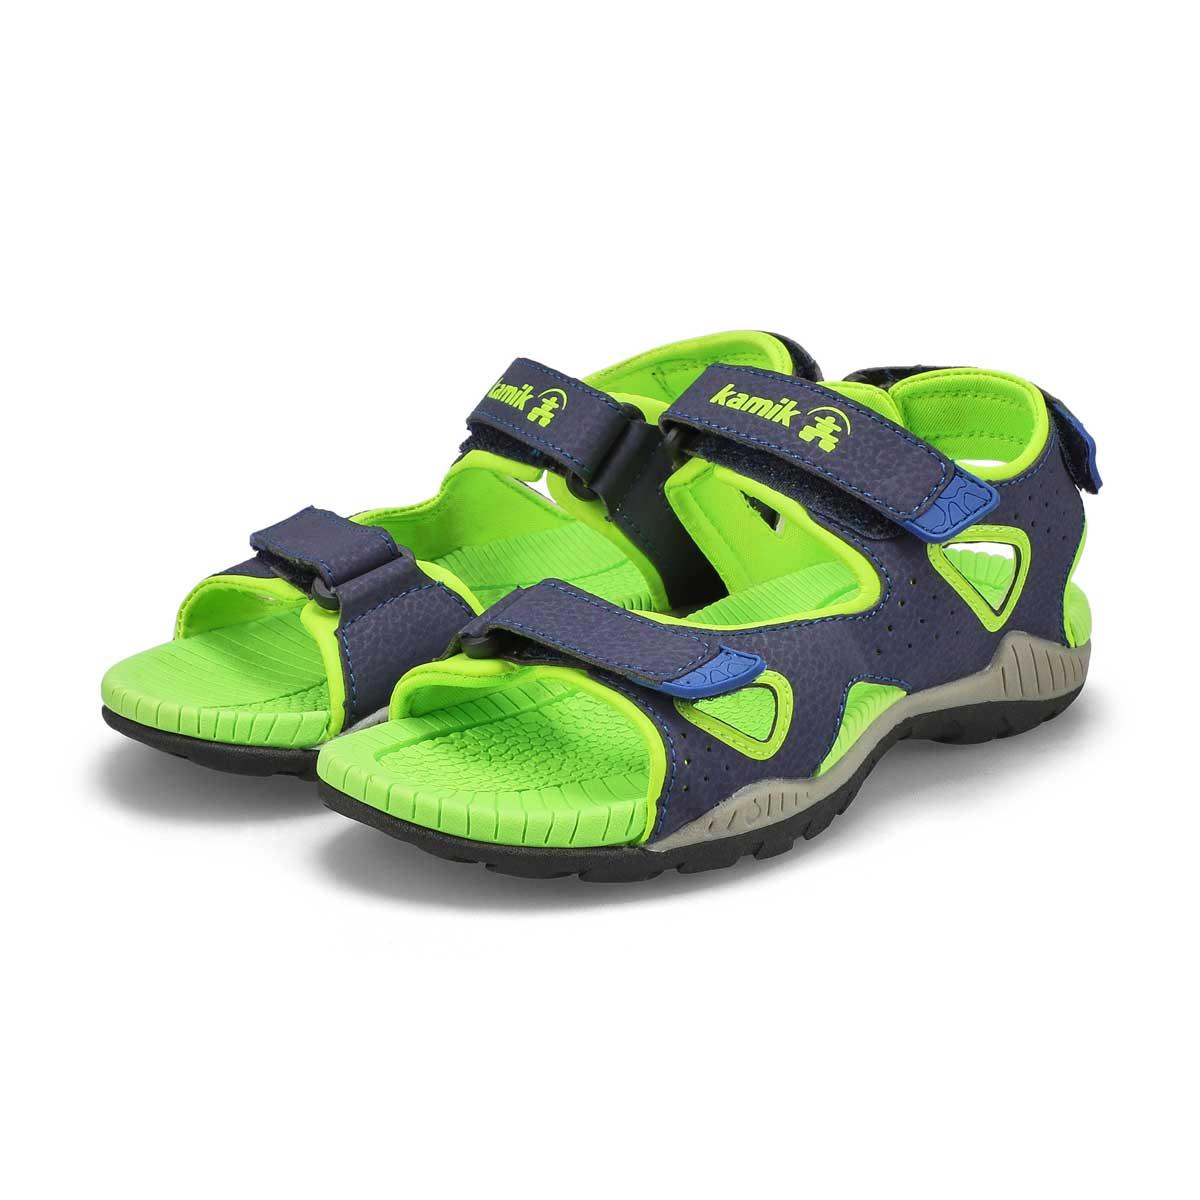 Boys' Lobster 2 Sport Sandal - Navy/Lime